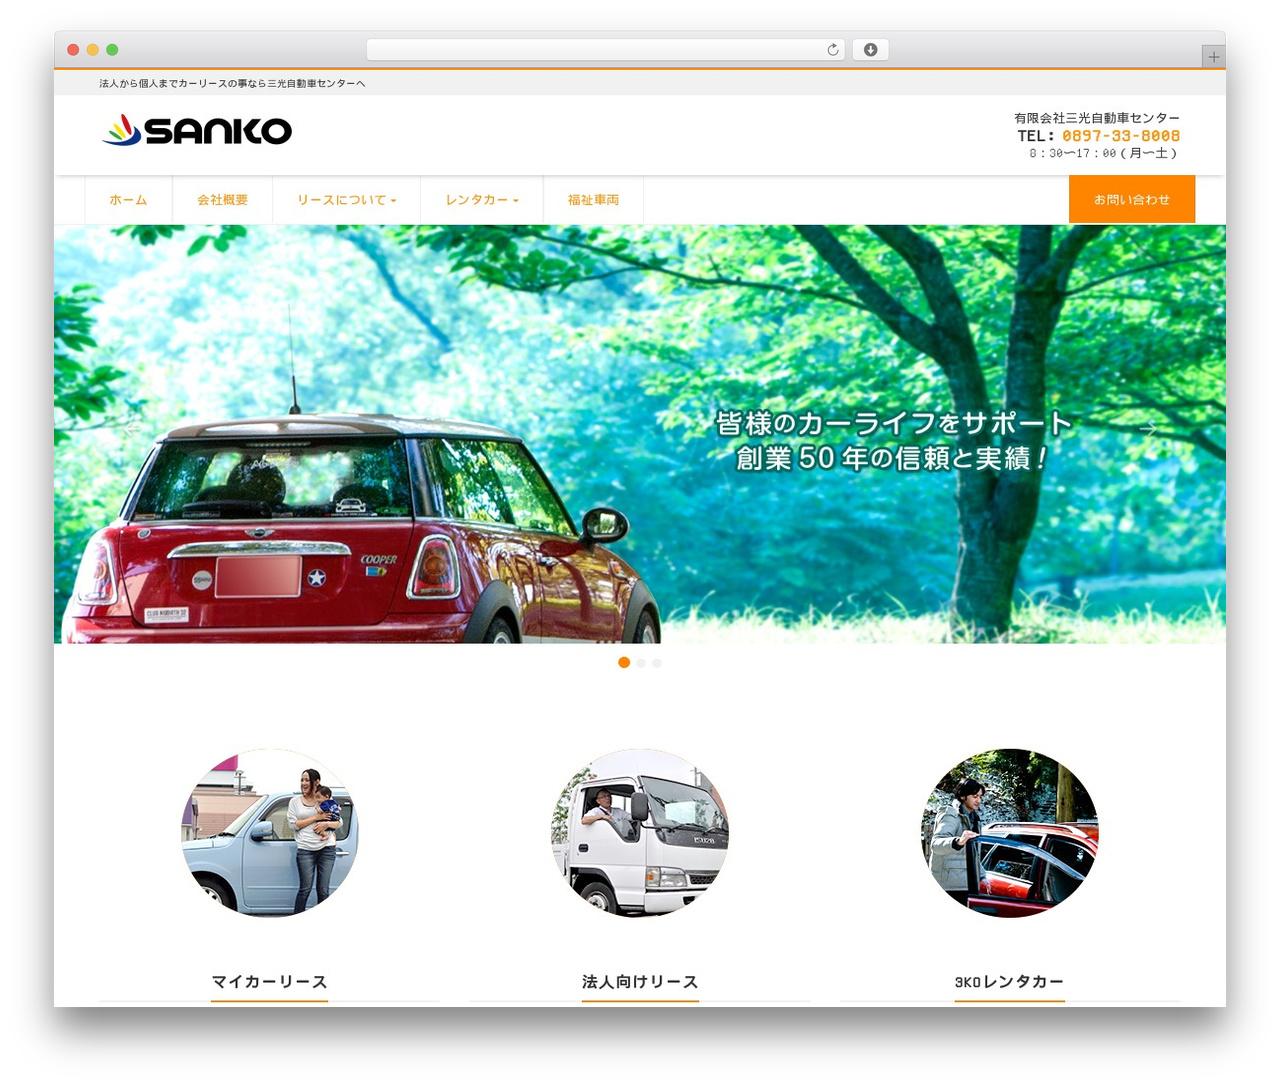 3KO_WEBSITE WordPress theme - 3ko.jp